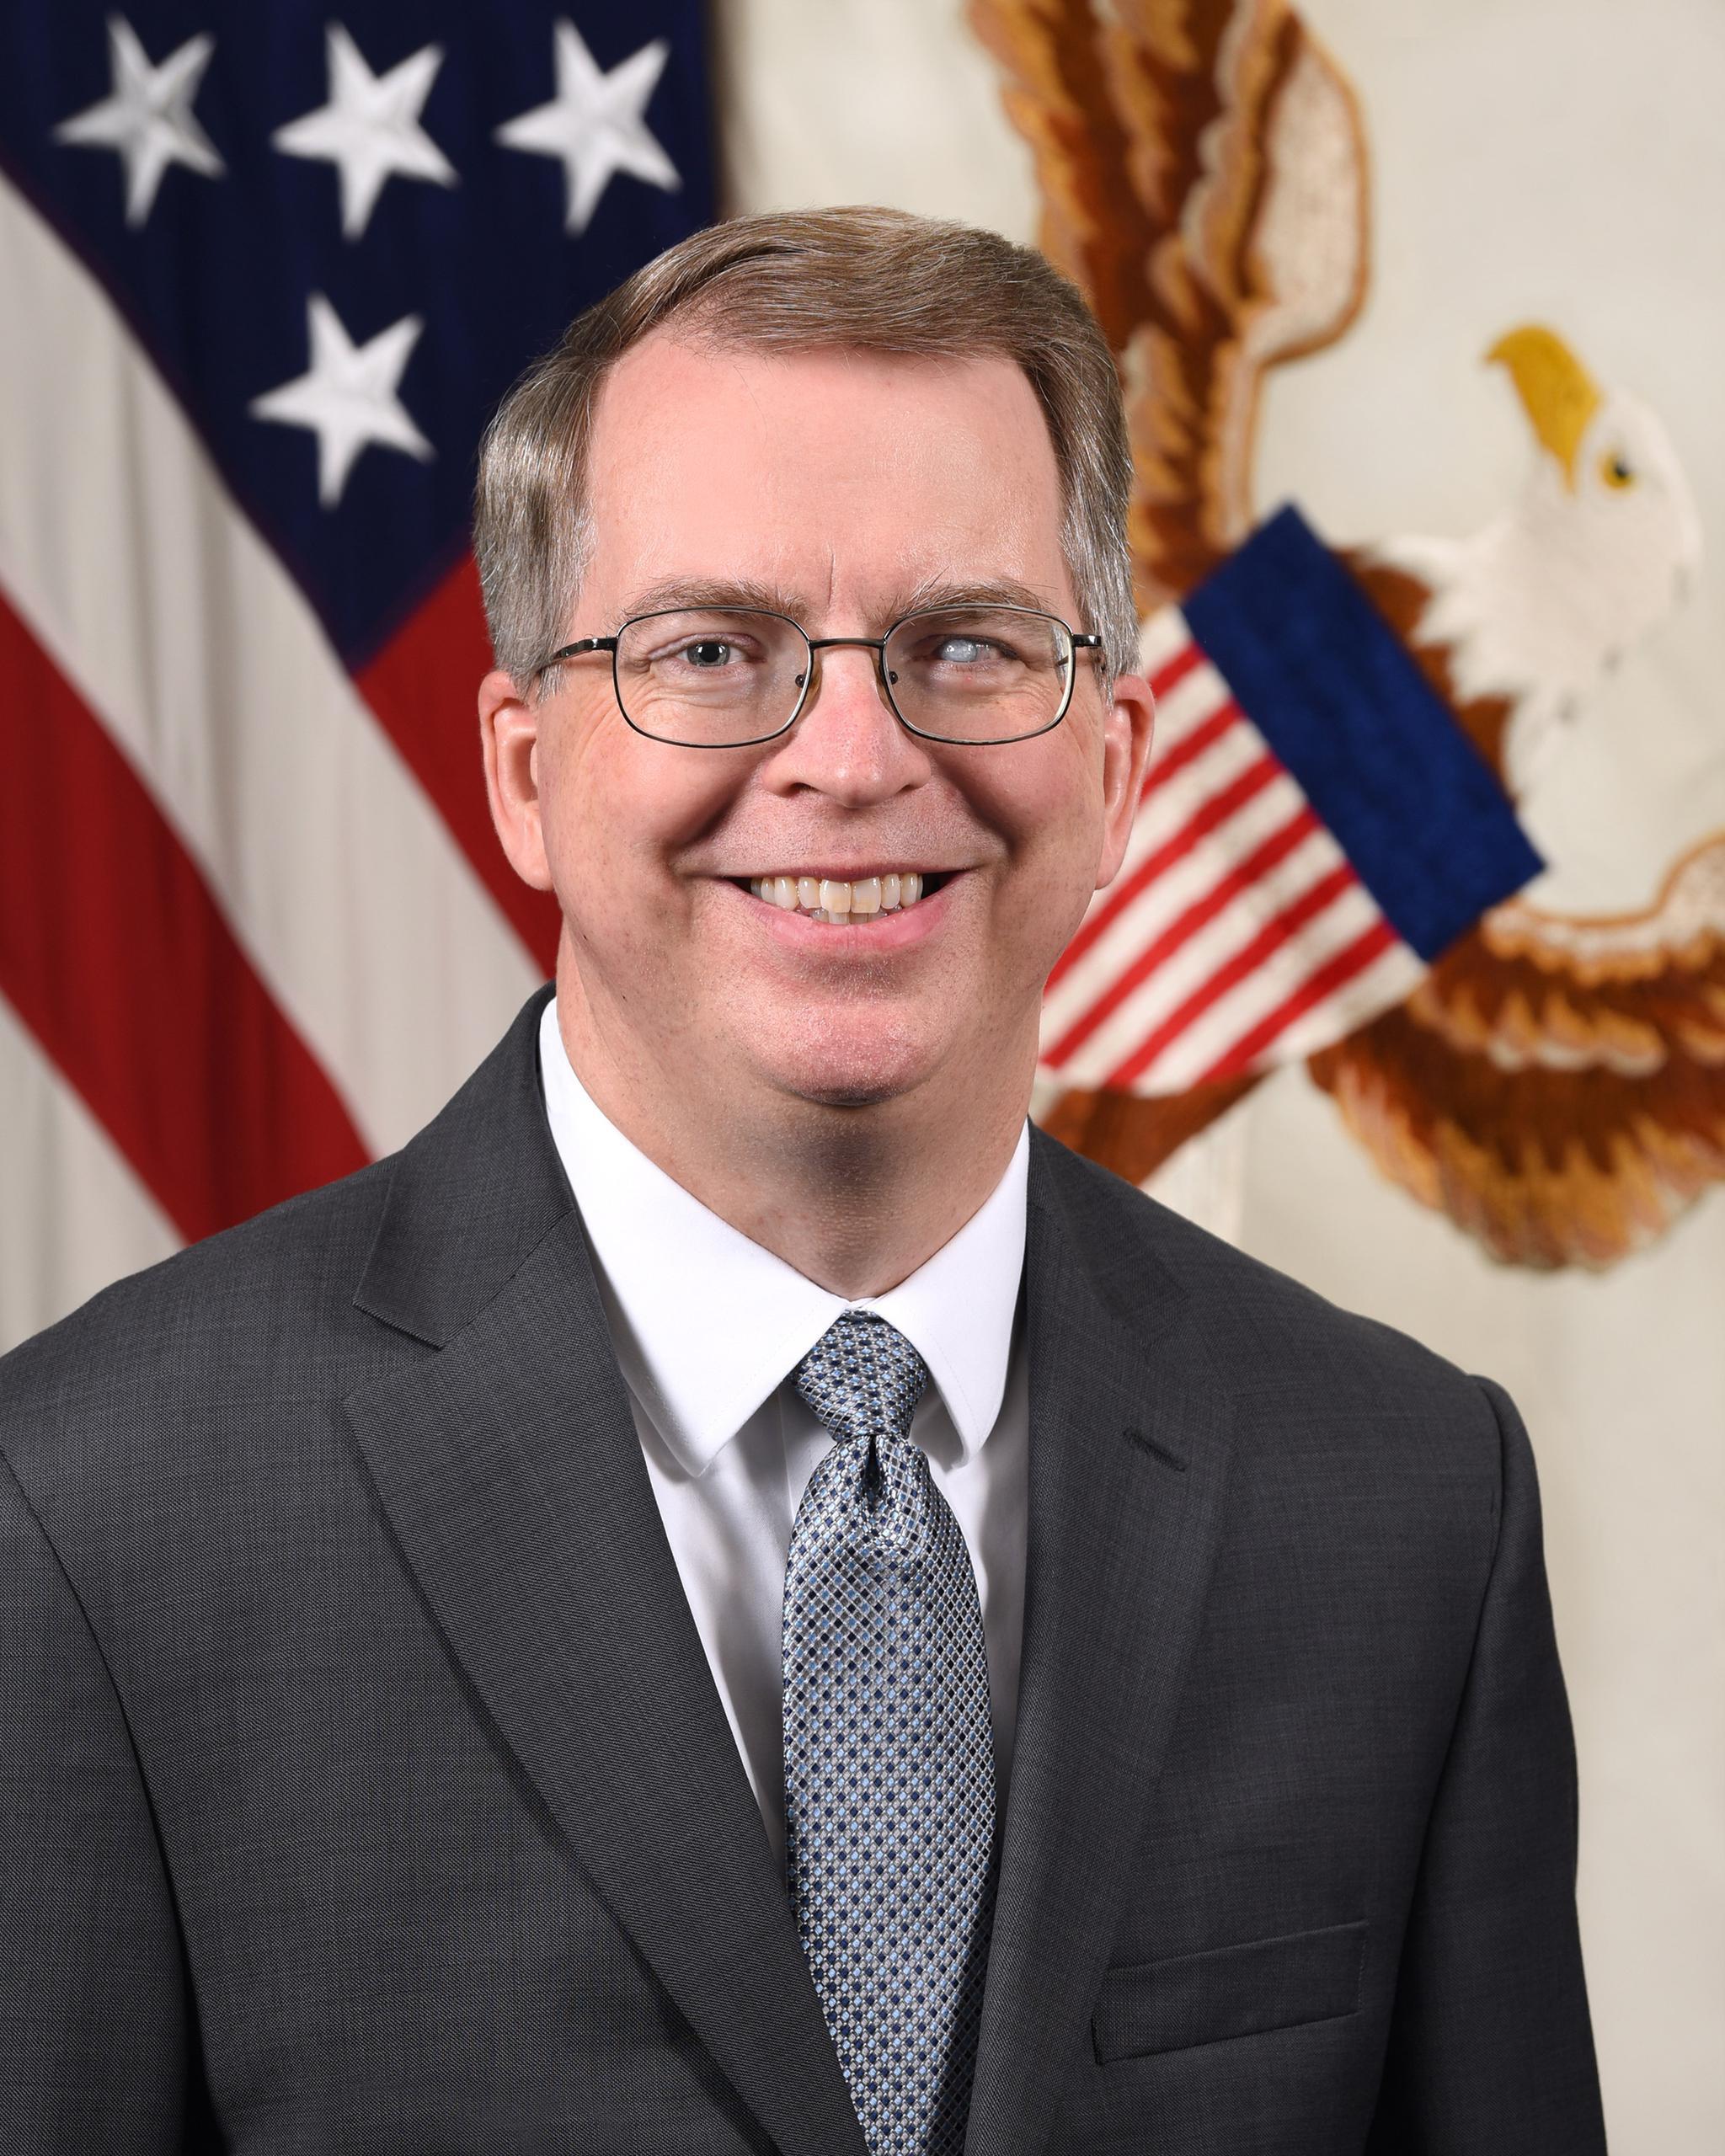 美国国防部副部长诺奎斯特将主持调查组工作